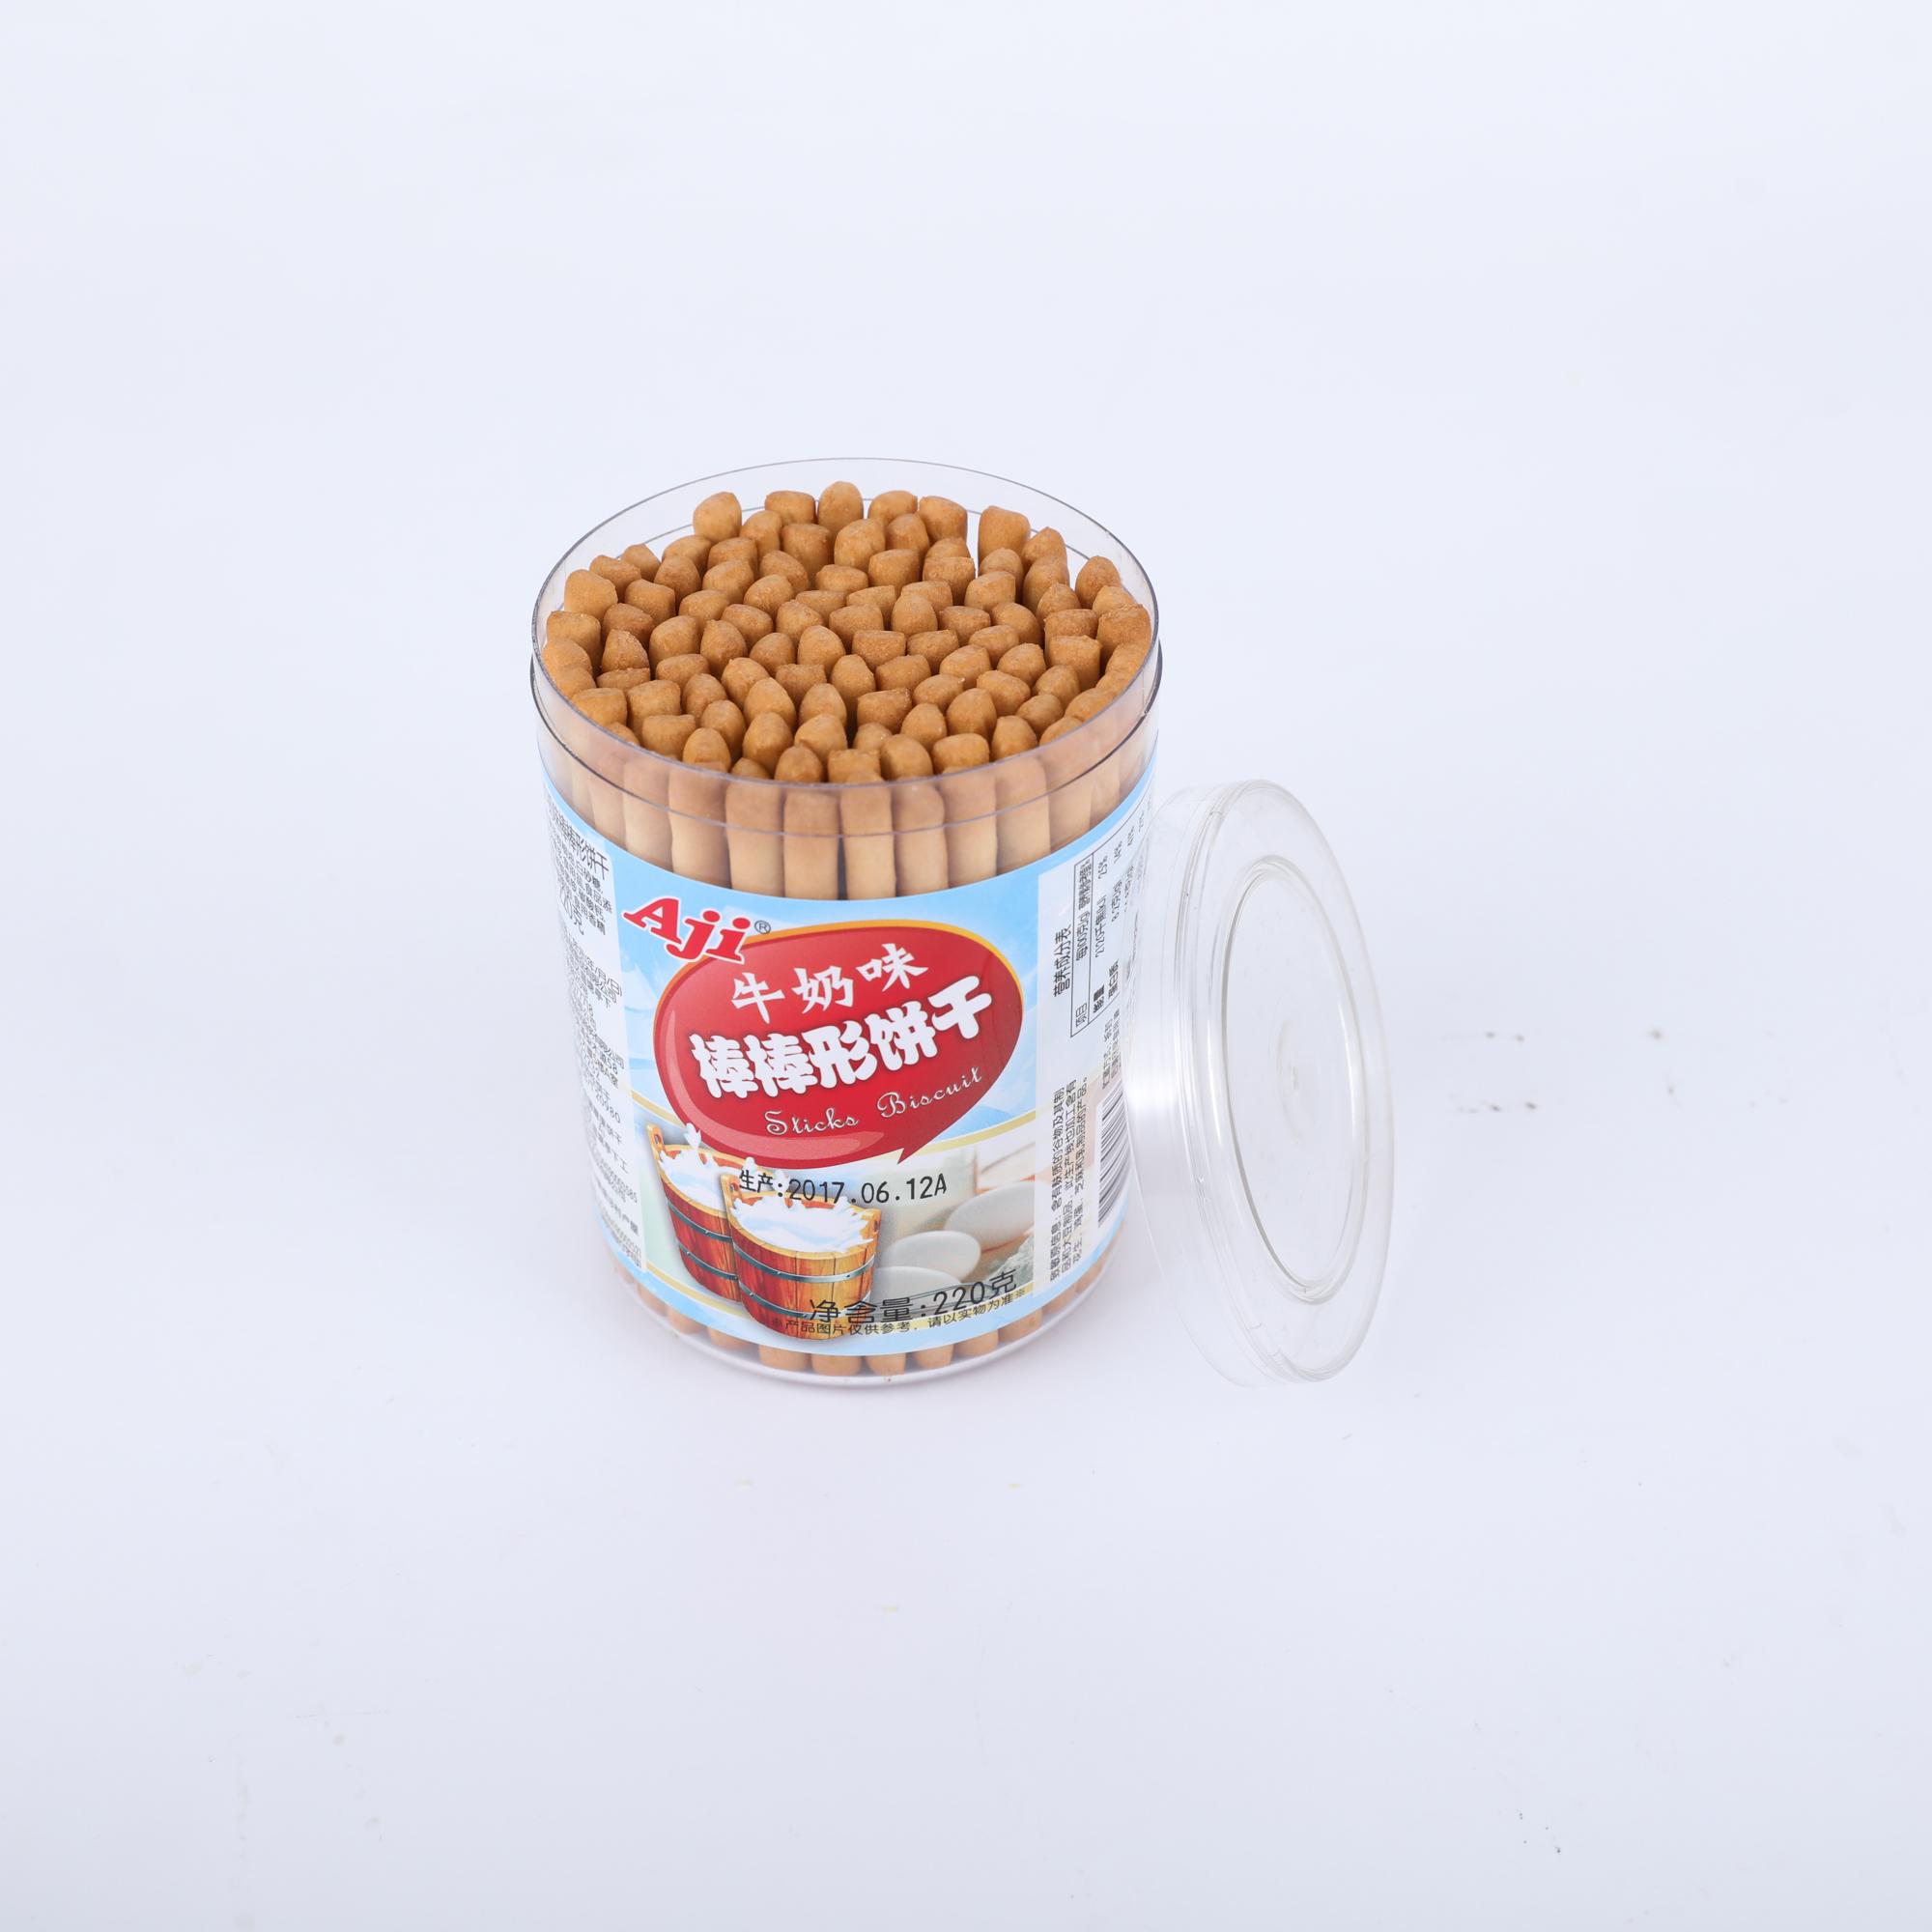 棒棒饼干起司味牛奶味手指饼儿童饼干磨牙饼干 Aji 罐包邮 3 220g